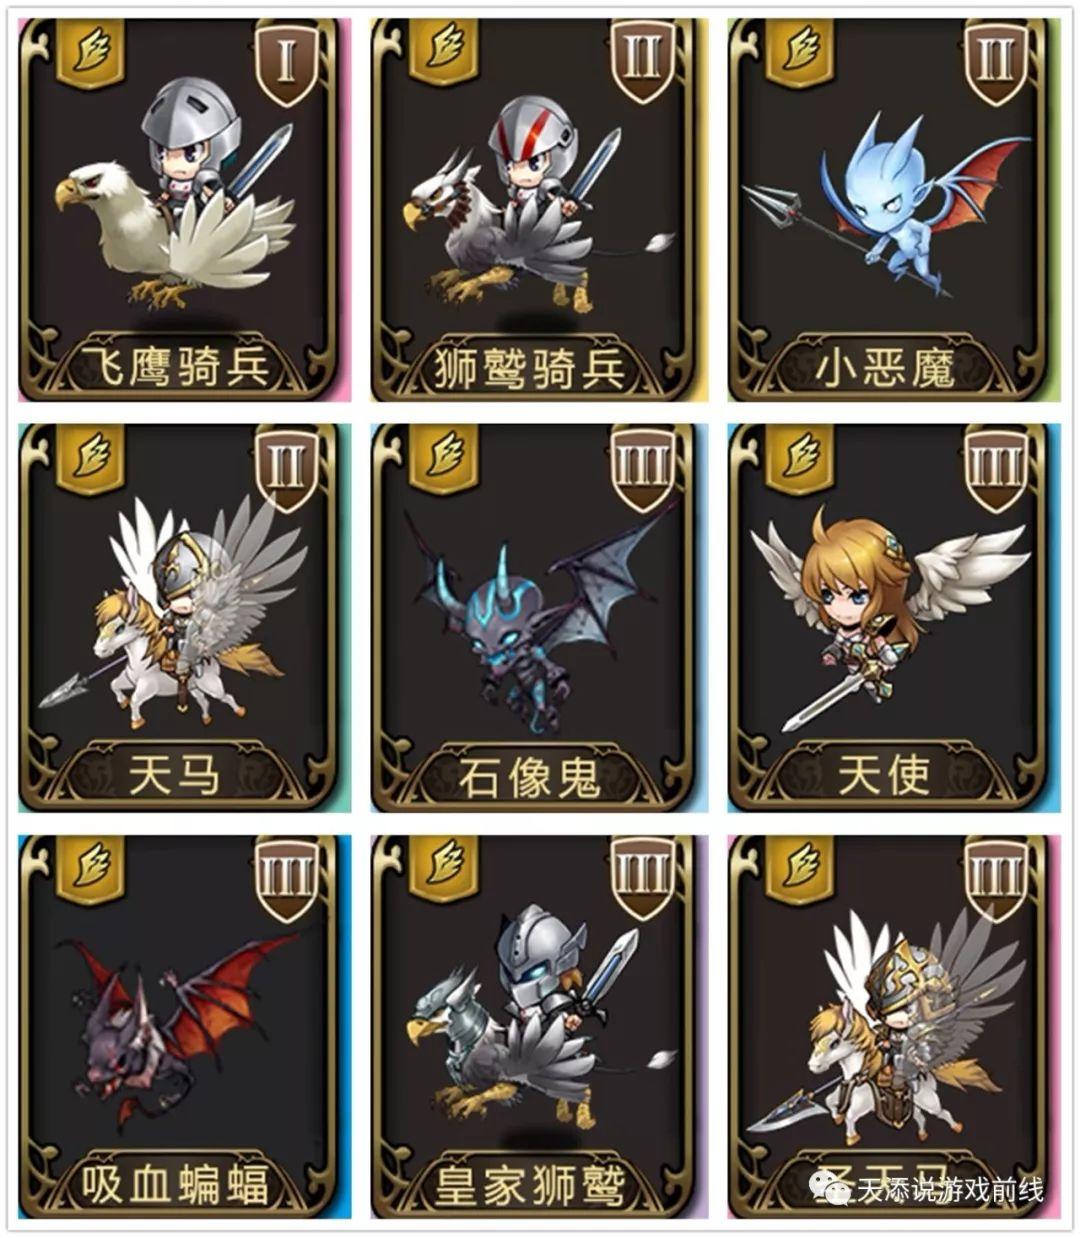 共有9种,分别为: 飞鹰骑兵,狮鹫骑兵,小恶魔,天马,石像鬼,天使